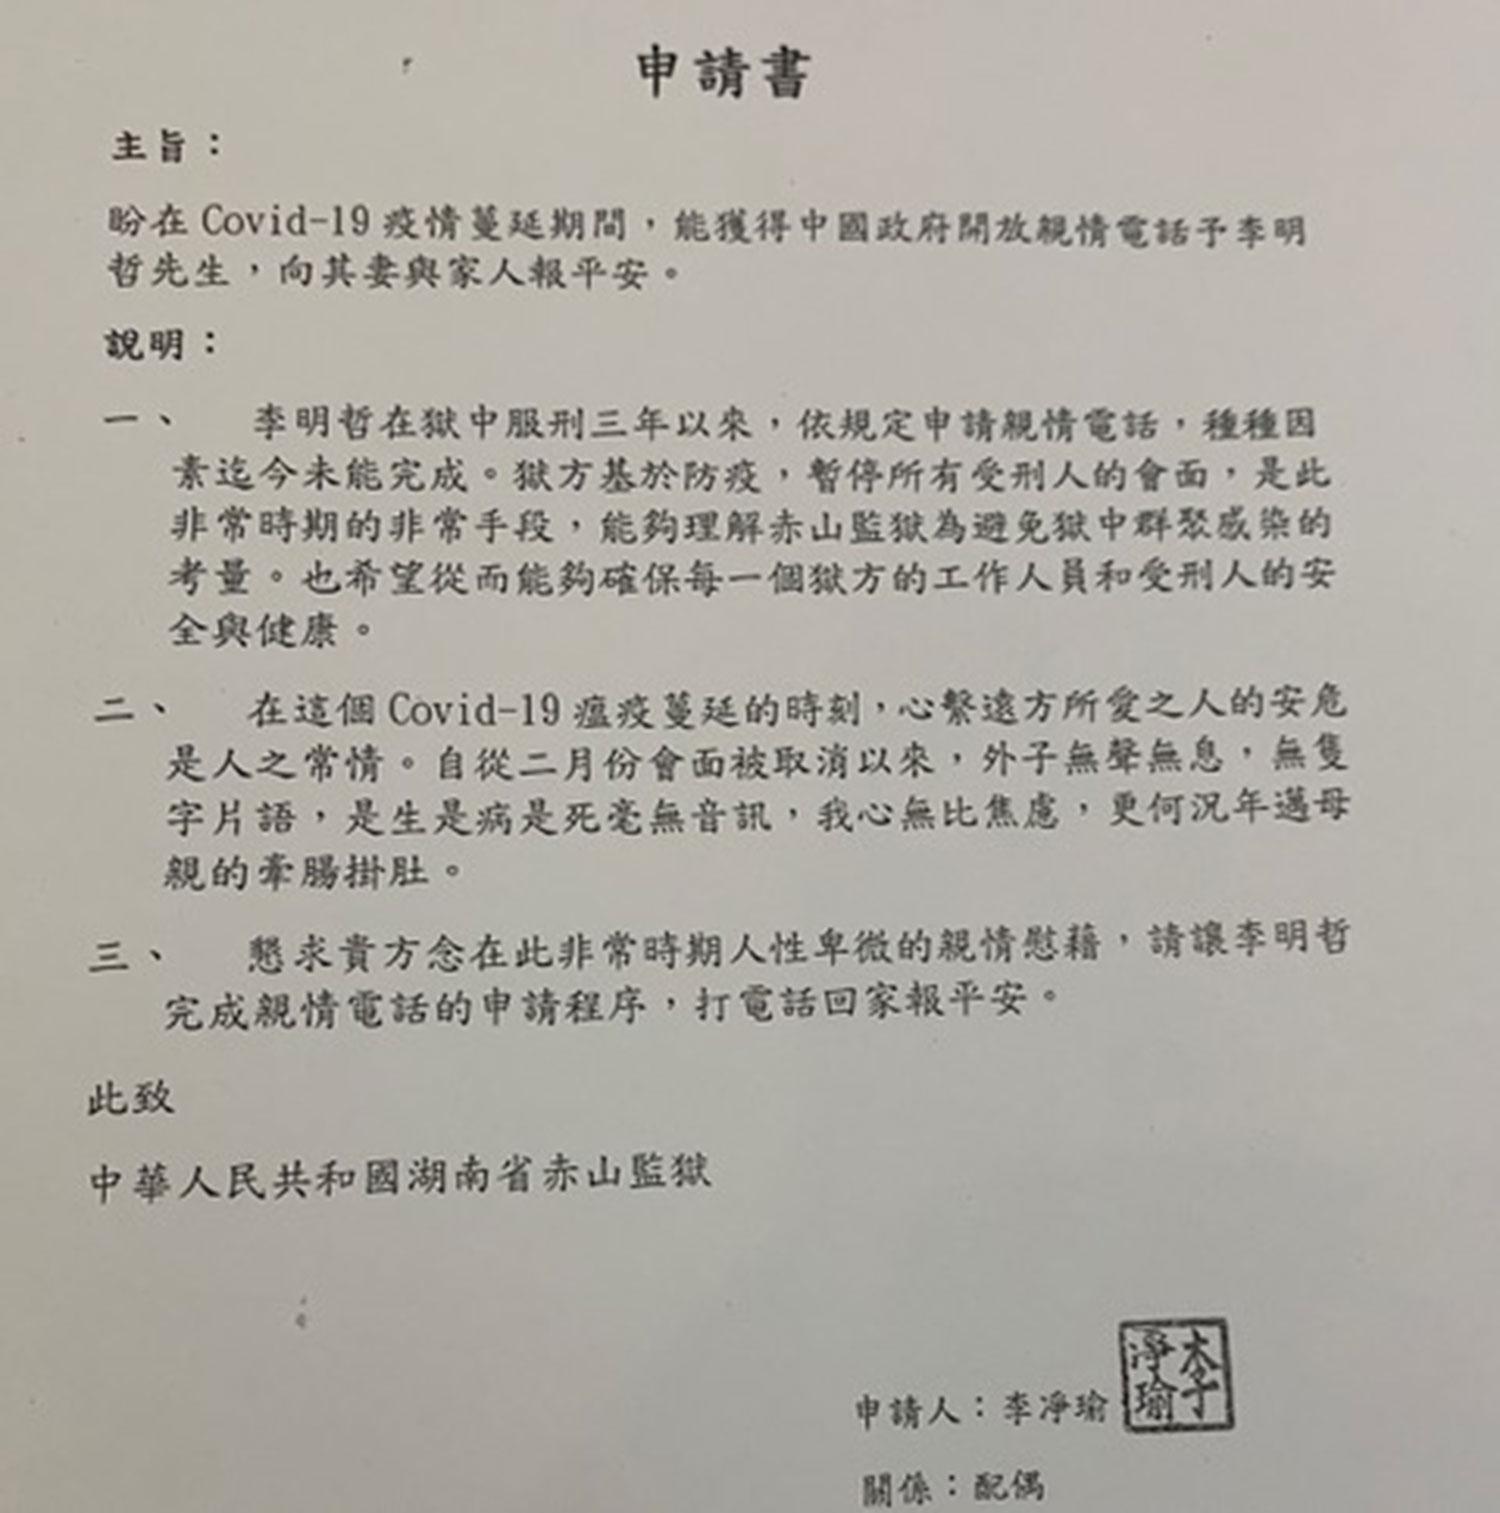 李净瑜向赤山监狱提出让李明哲跟她通一通亲情电话的申请书。(记者夏小华翻摄)